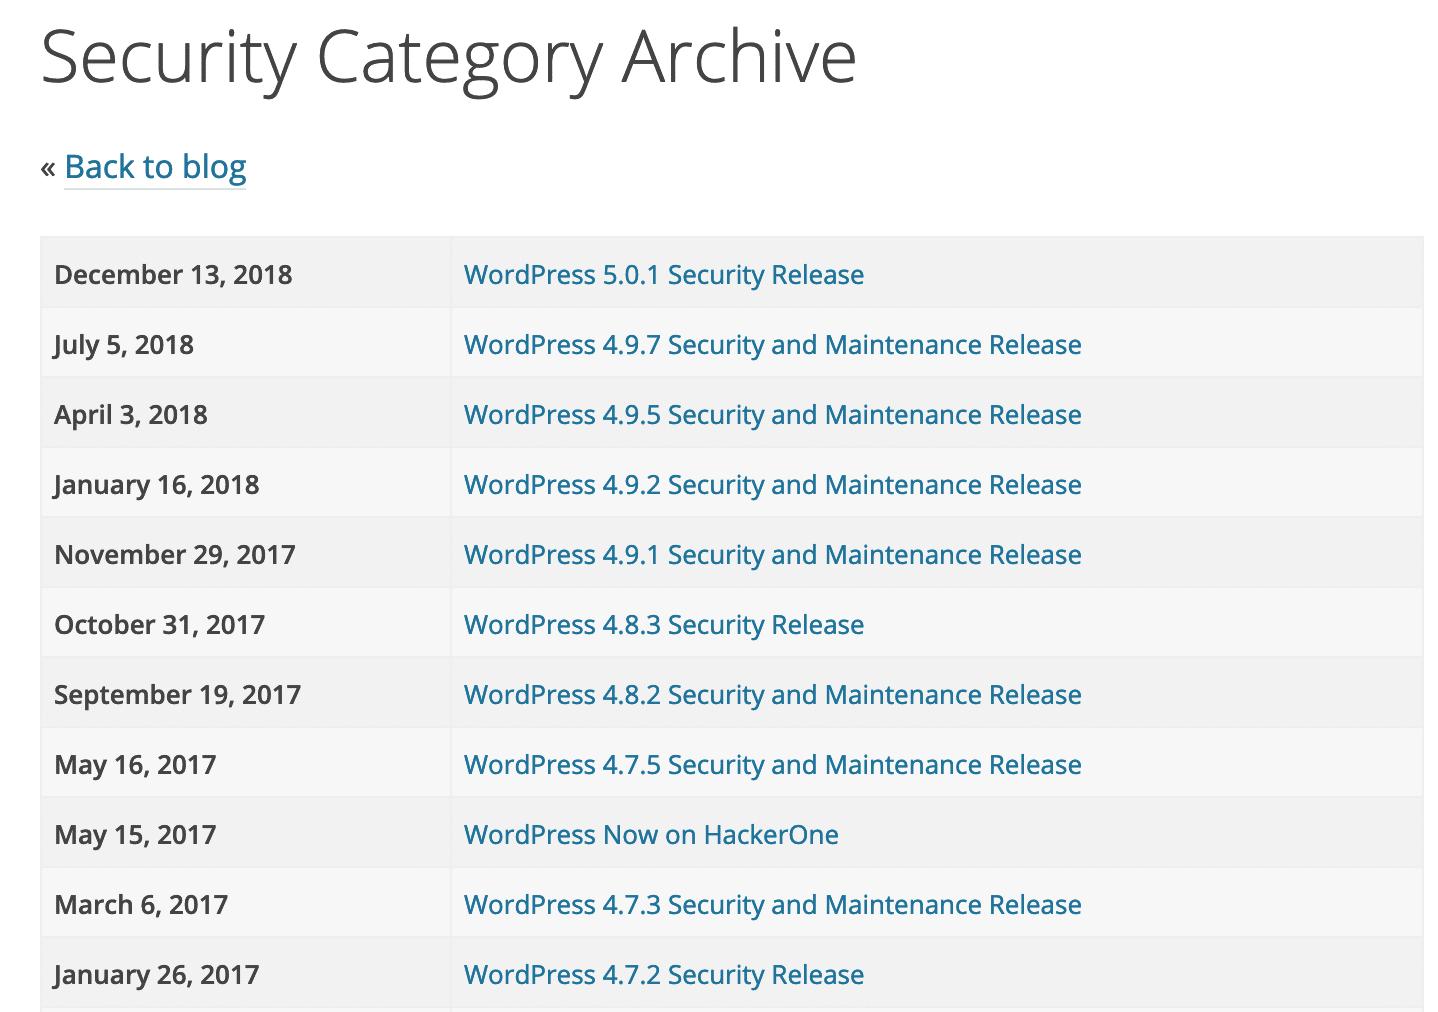 WordPress sikkerhedsarkiv